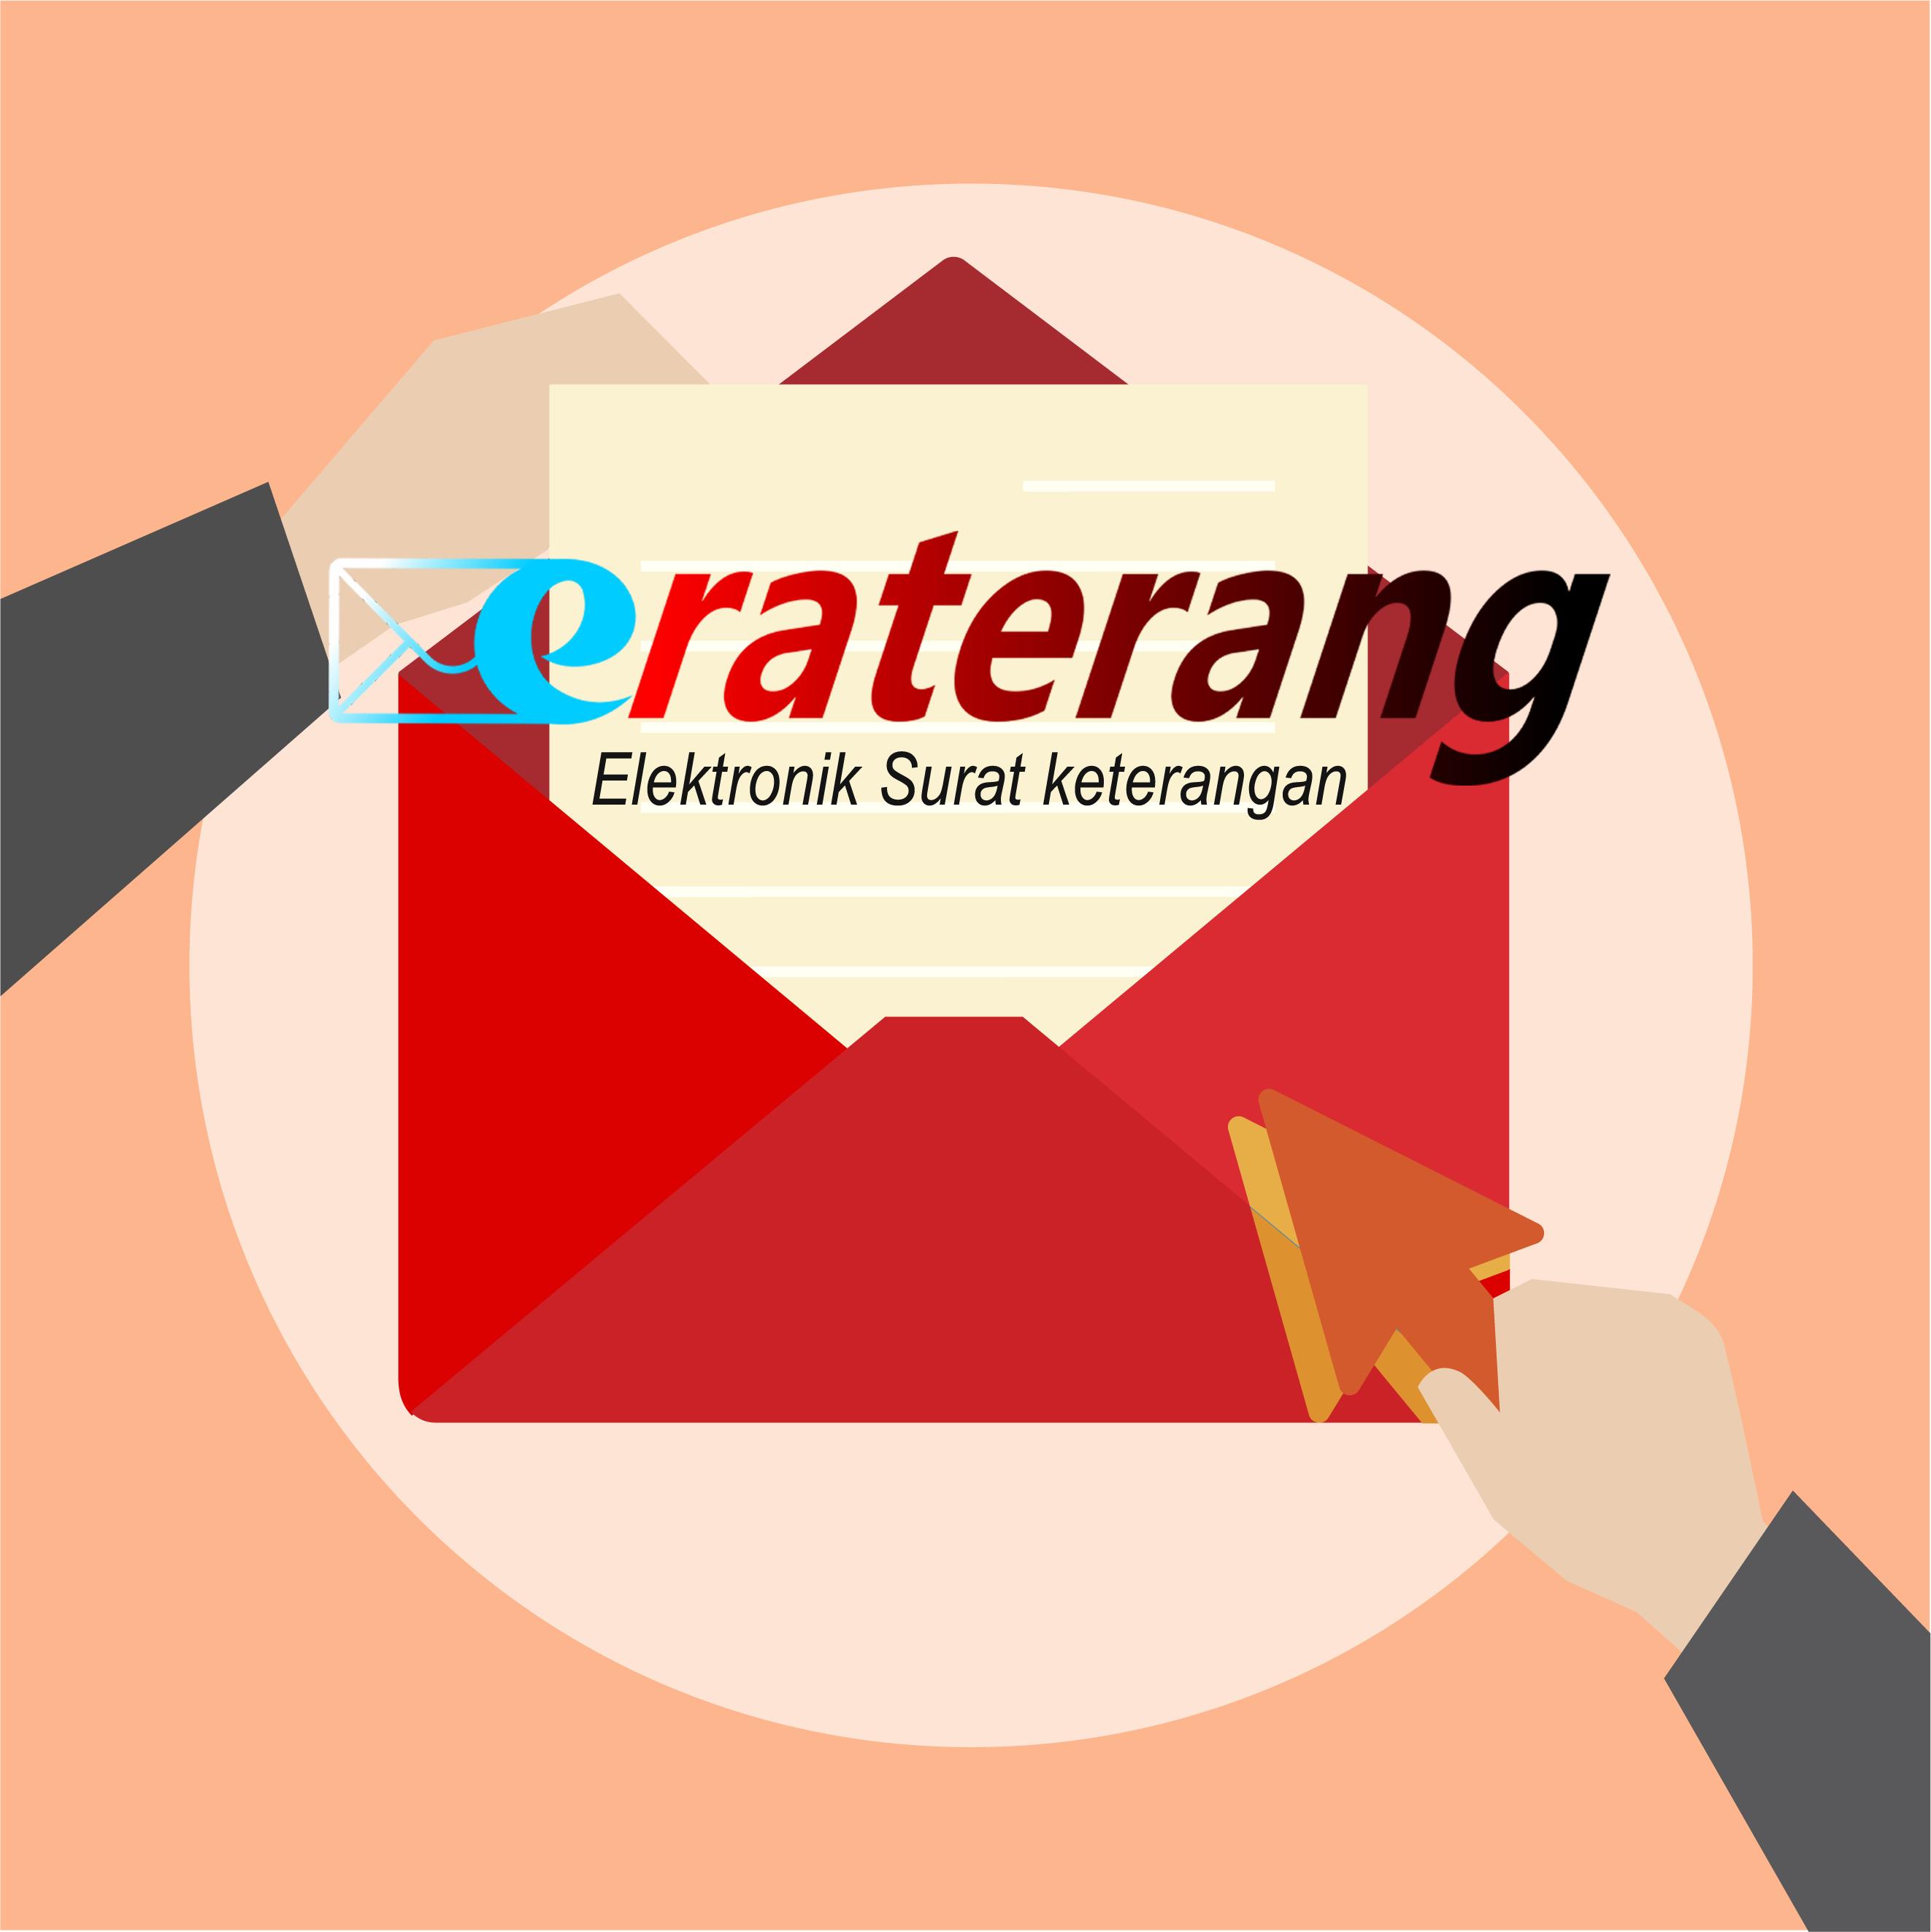 Anda dapat menggunakan ERATERANG. Apa itu Eraterang?